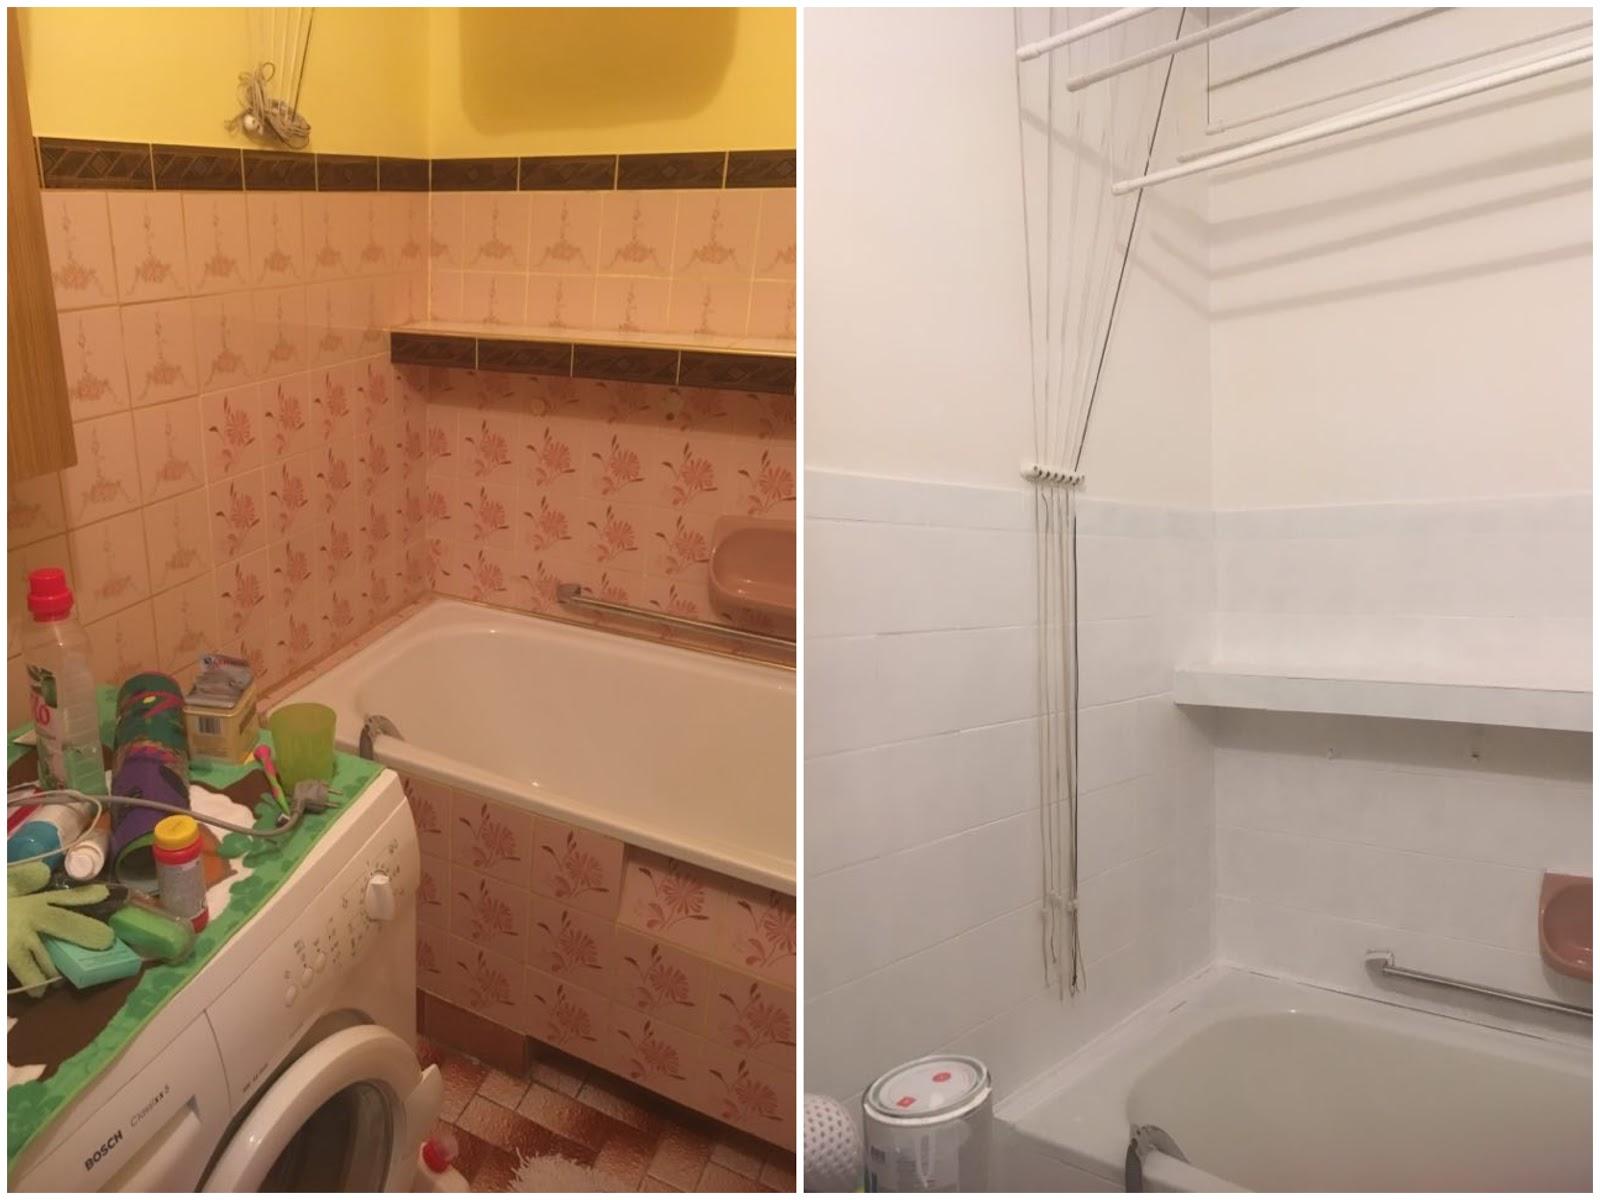 Madziakowo Diy Malowanie Płytek W łazience Prl